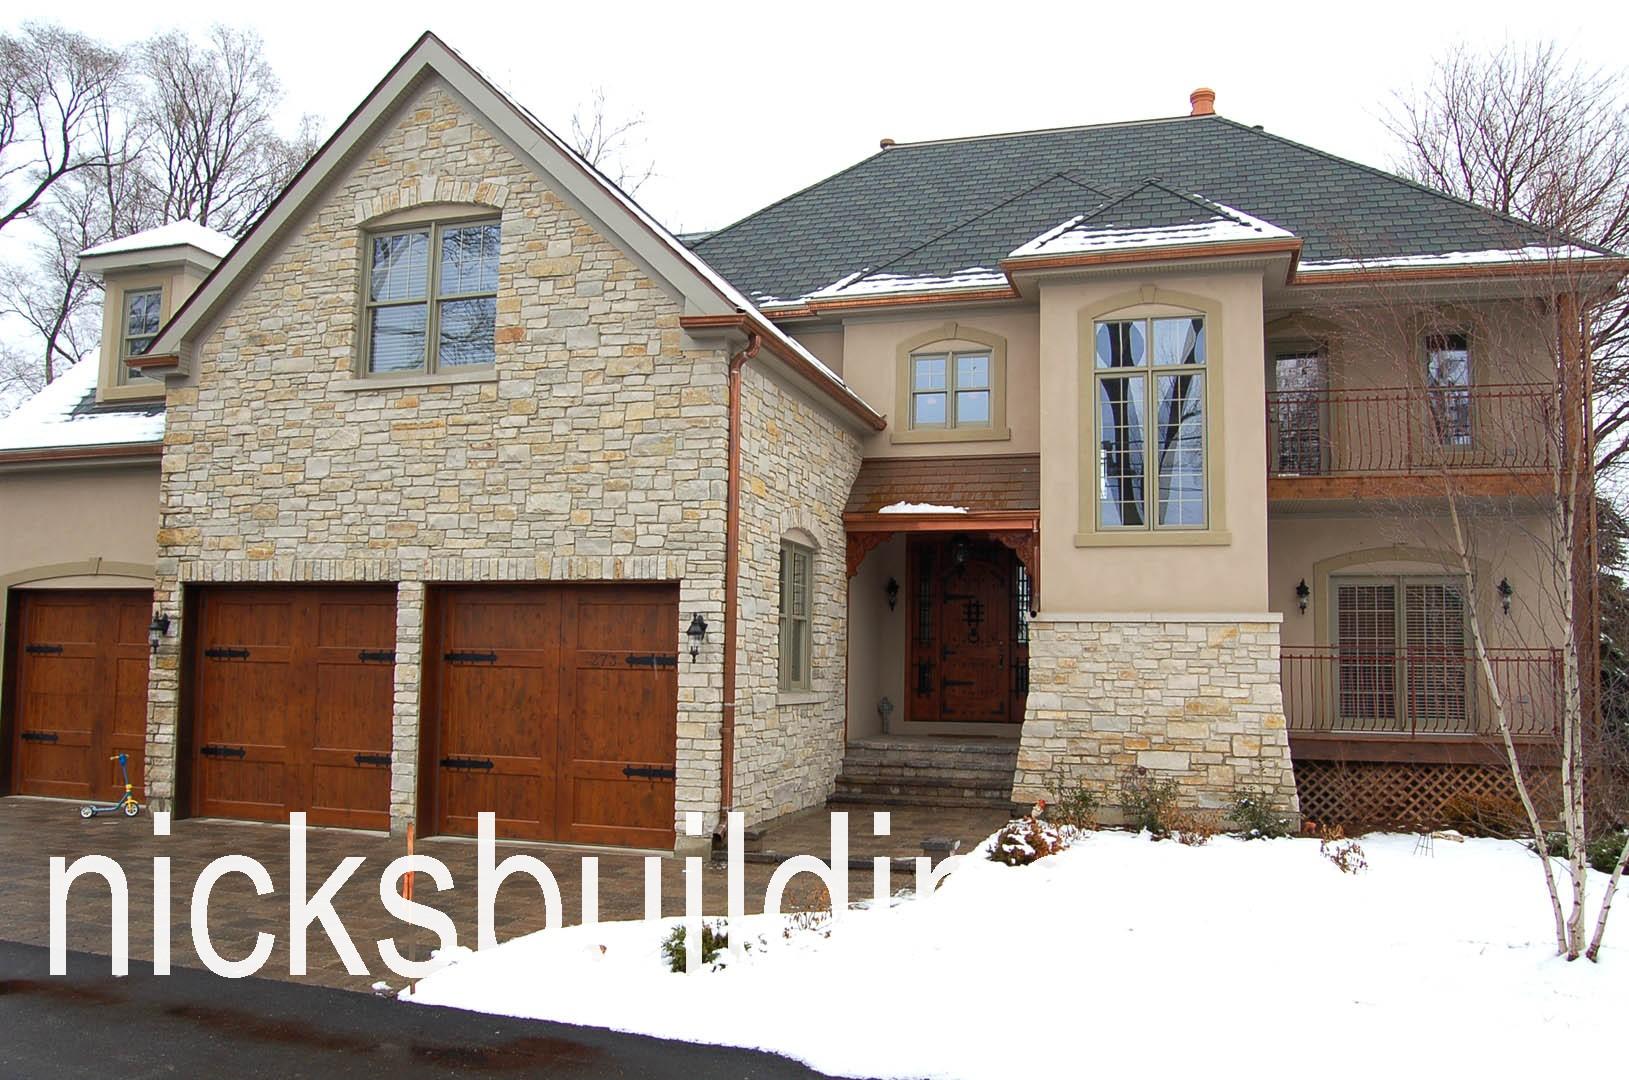 Wood Overhead Garage Doors 1629 x 1080